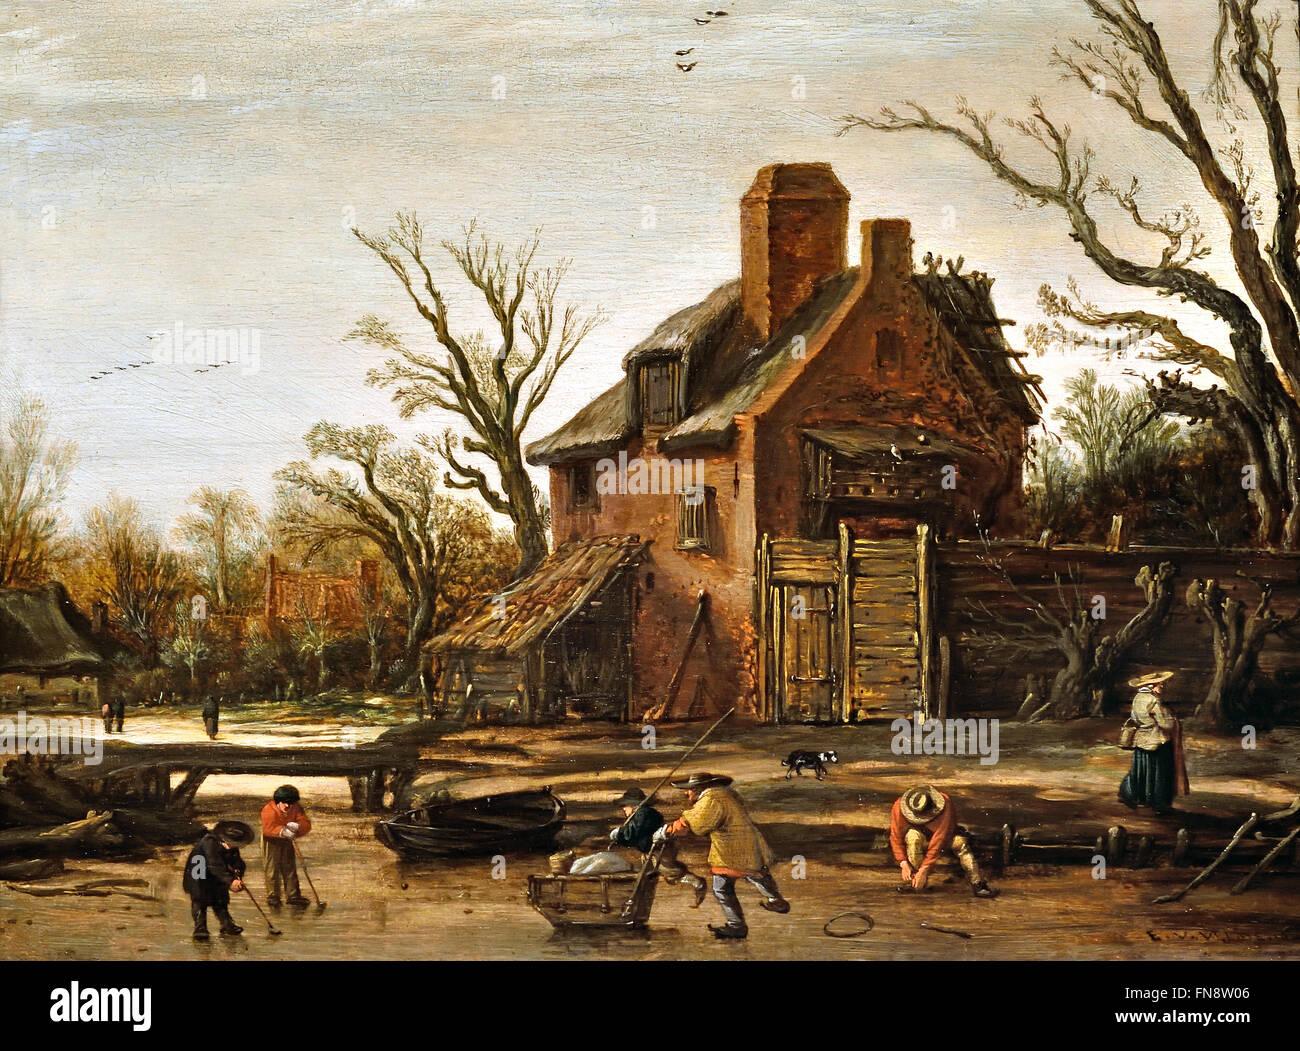 Esaias van de Velde, paesaggio invernale con casa colonica, 1624 Paesi Bassi olandese un uomo è la legatura Immagini Stock